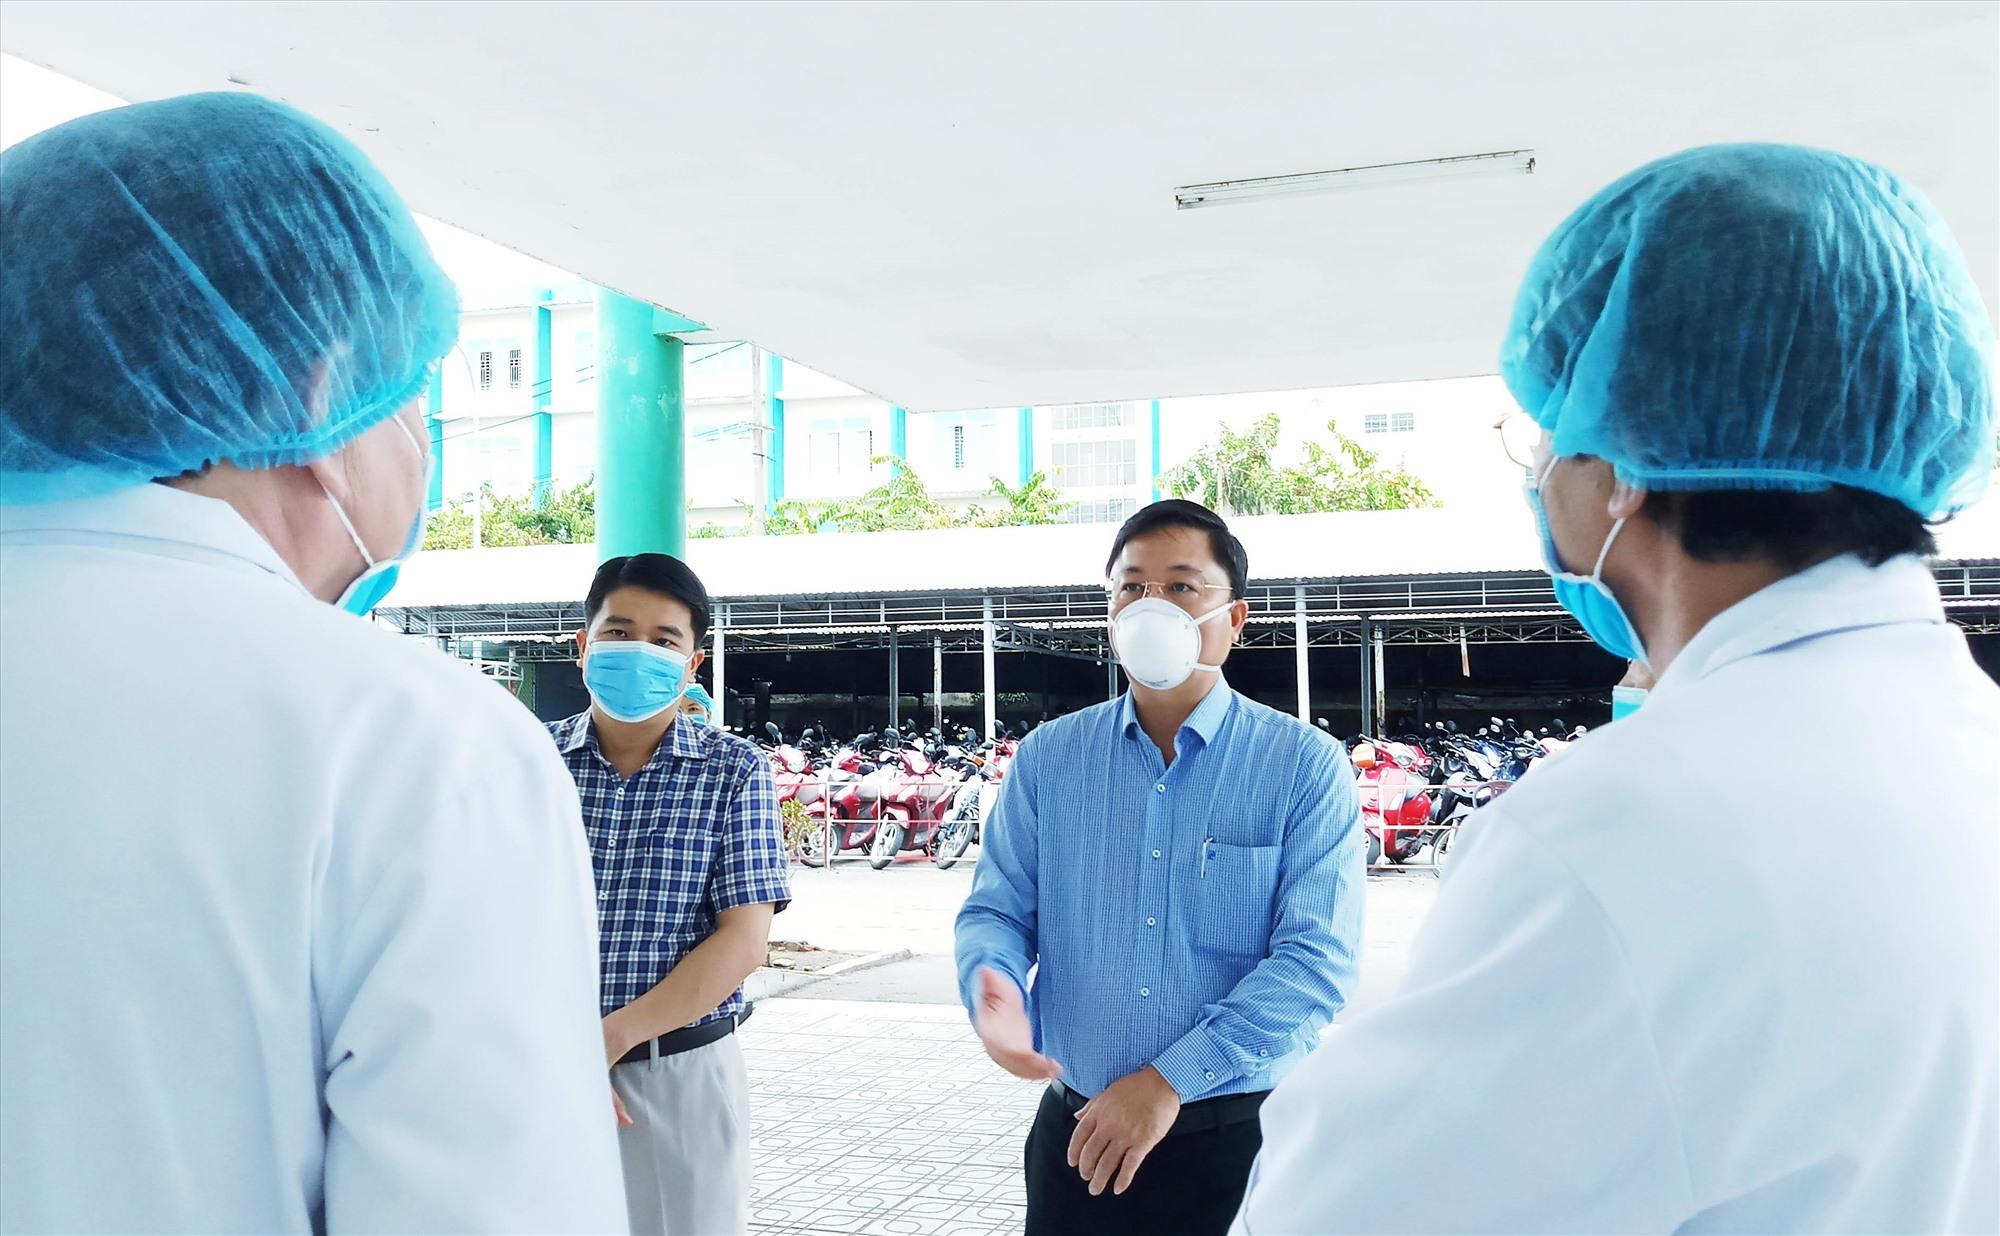 Chủ tịch UBND tỉnh Lê Trí Thanh một đợt kiểm tra phòng chống dịch Covid-19 tại Bệnh viện đa khoa Quảng Nam. Ảnh: A.N